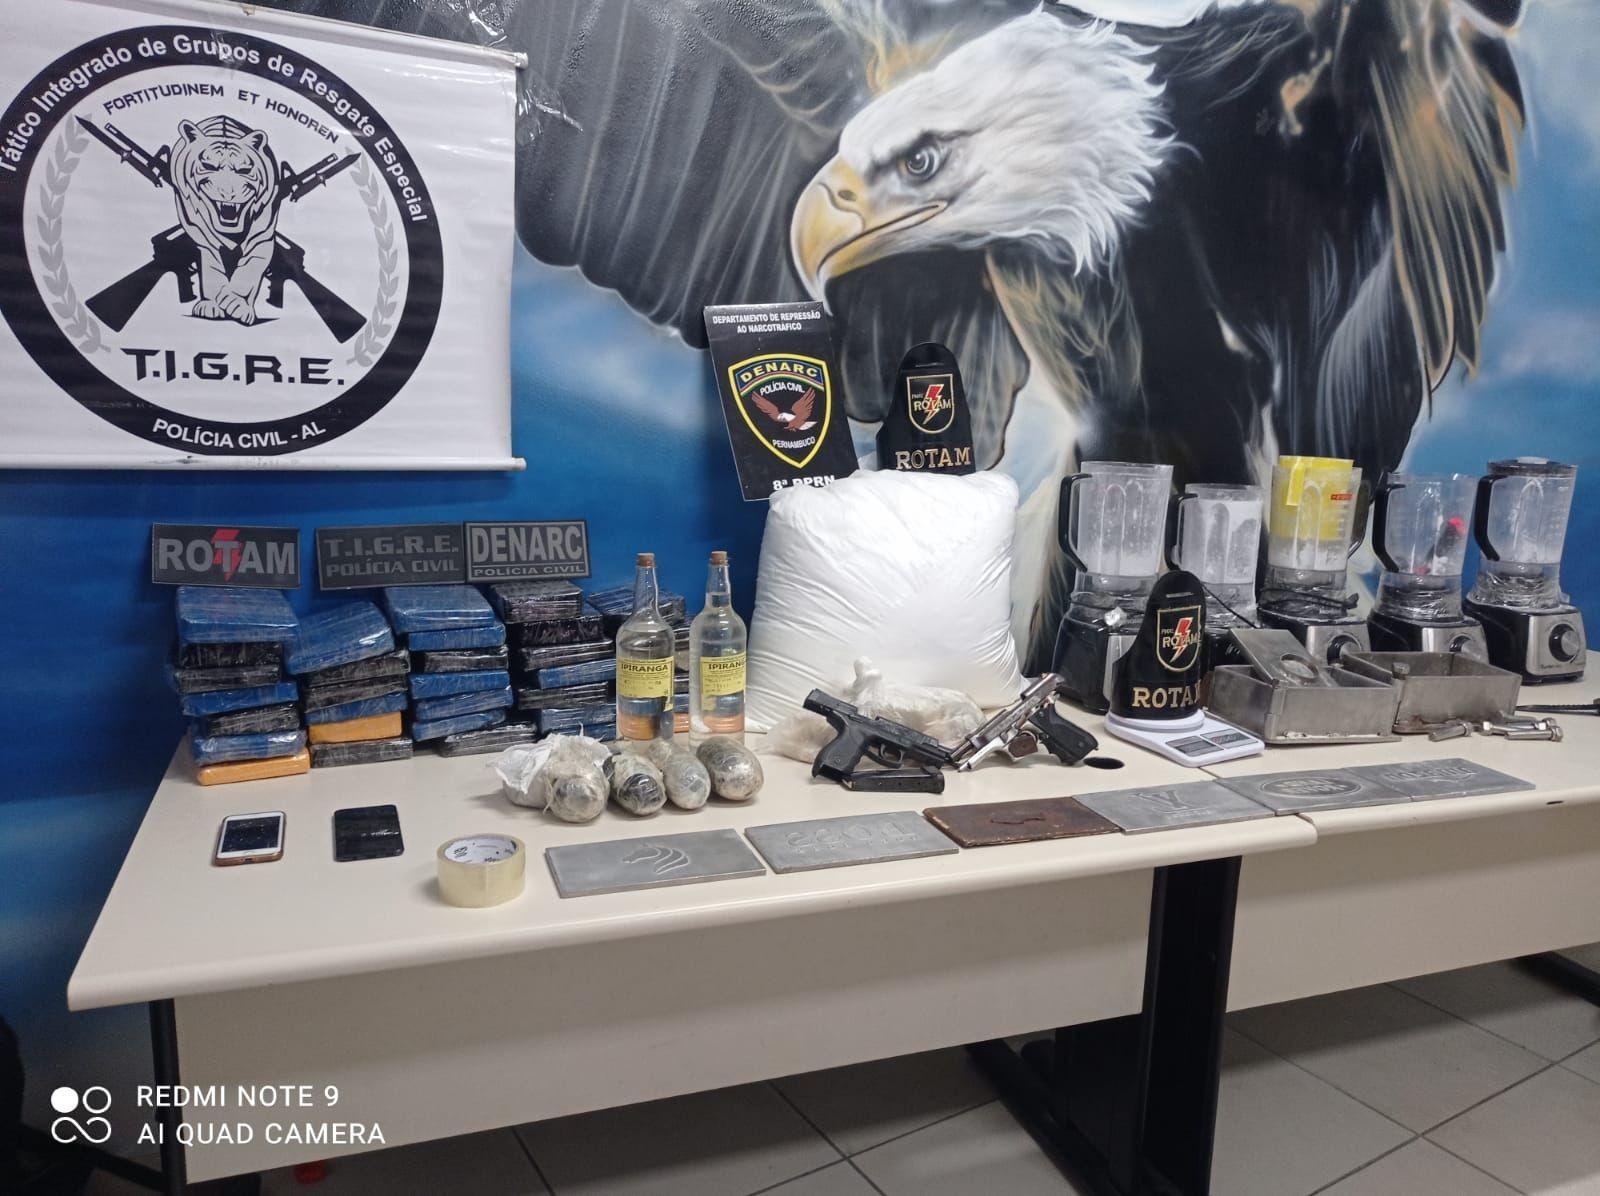 Operação em AL e PE termina com 6 presos, 2 mortos e apreensão de drogas avaliadas em mais de R$ 3 milhões